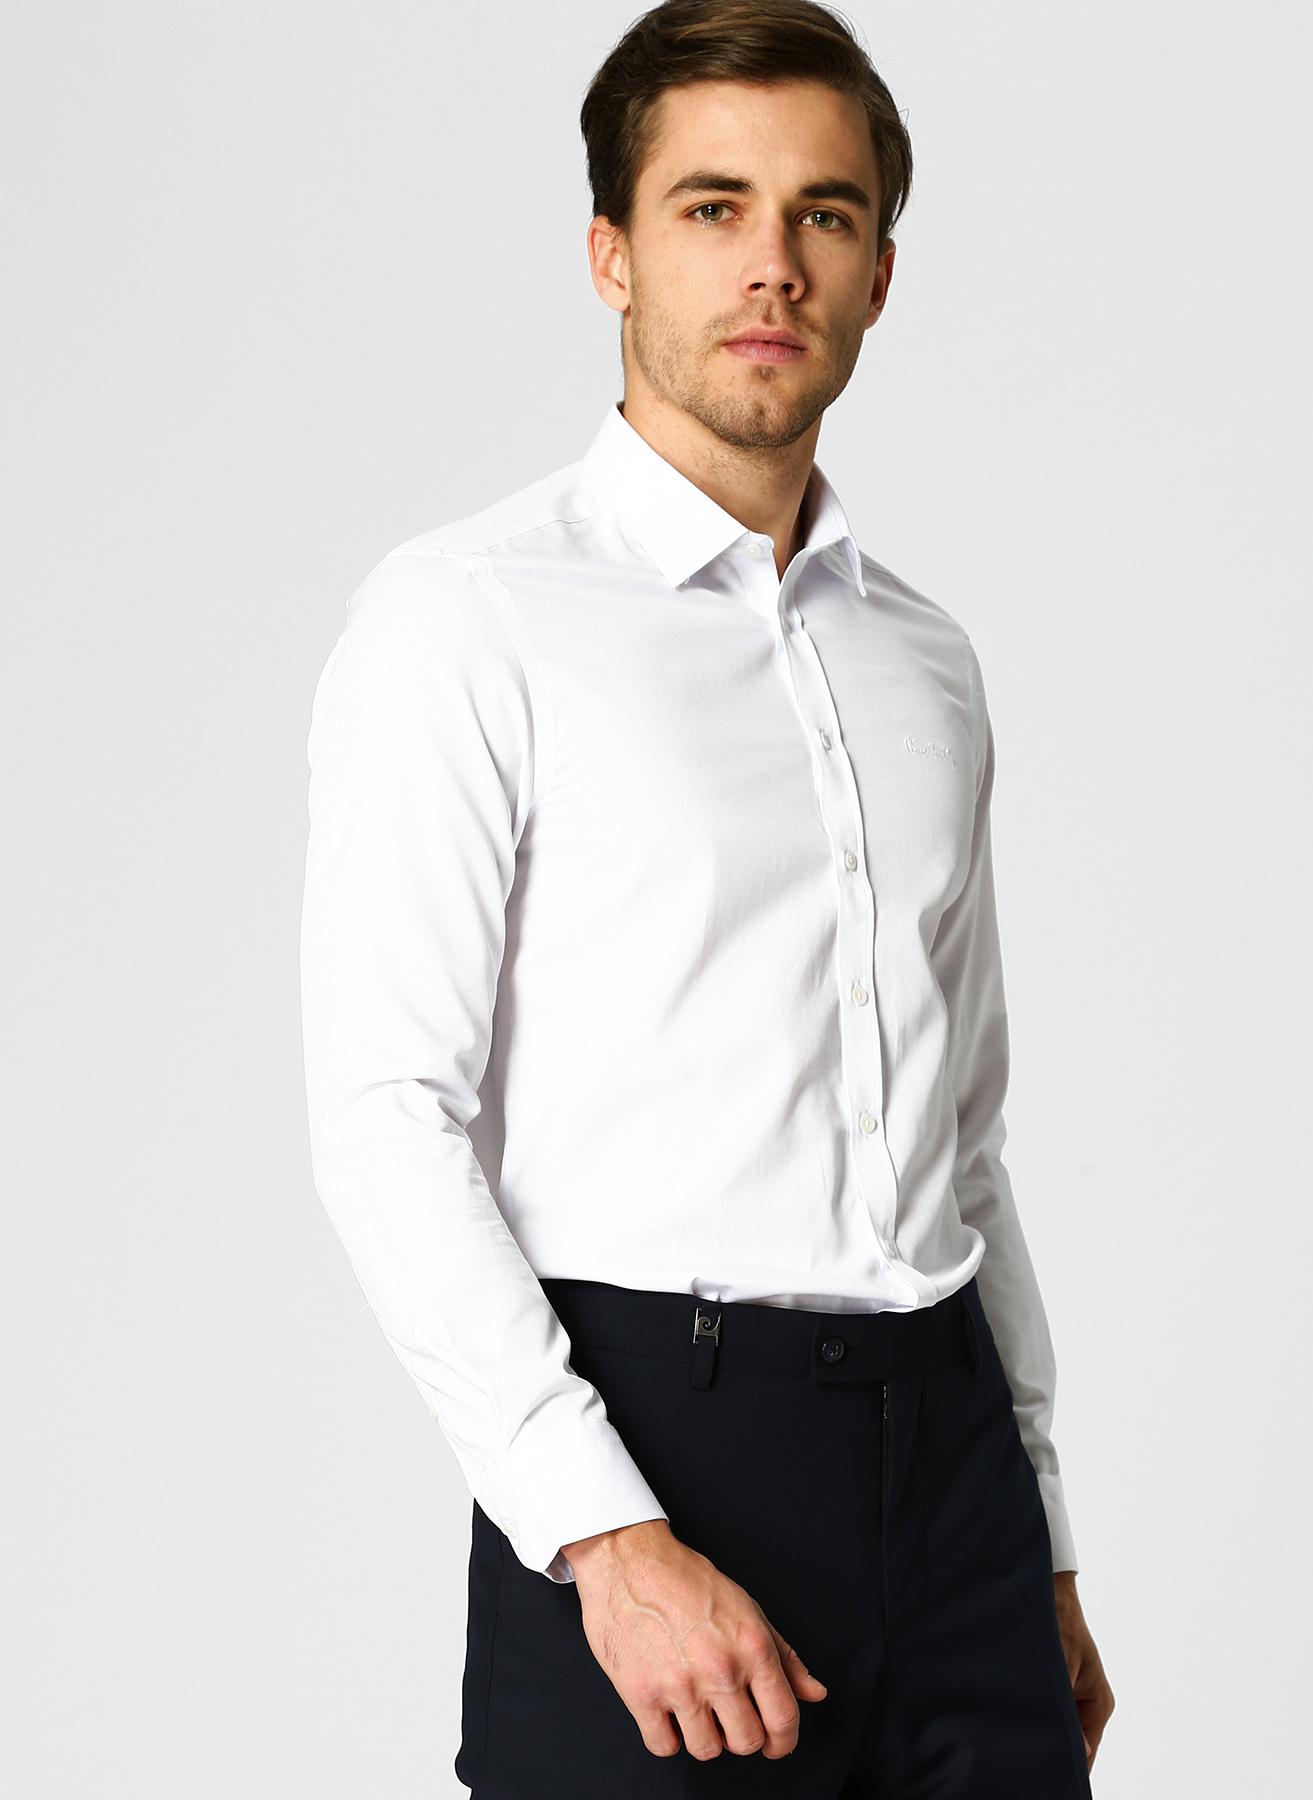 Pierre Cardin Beyaz Gömlek 4XL 5001697824001 Ürün Resmi